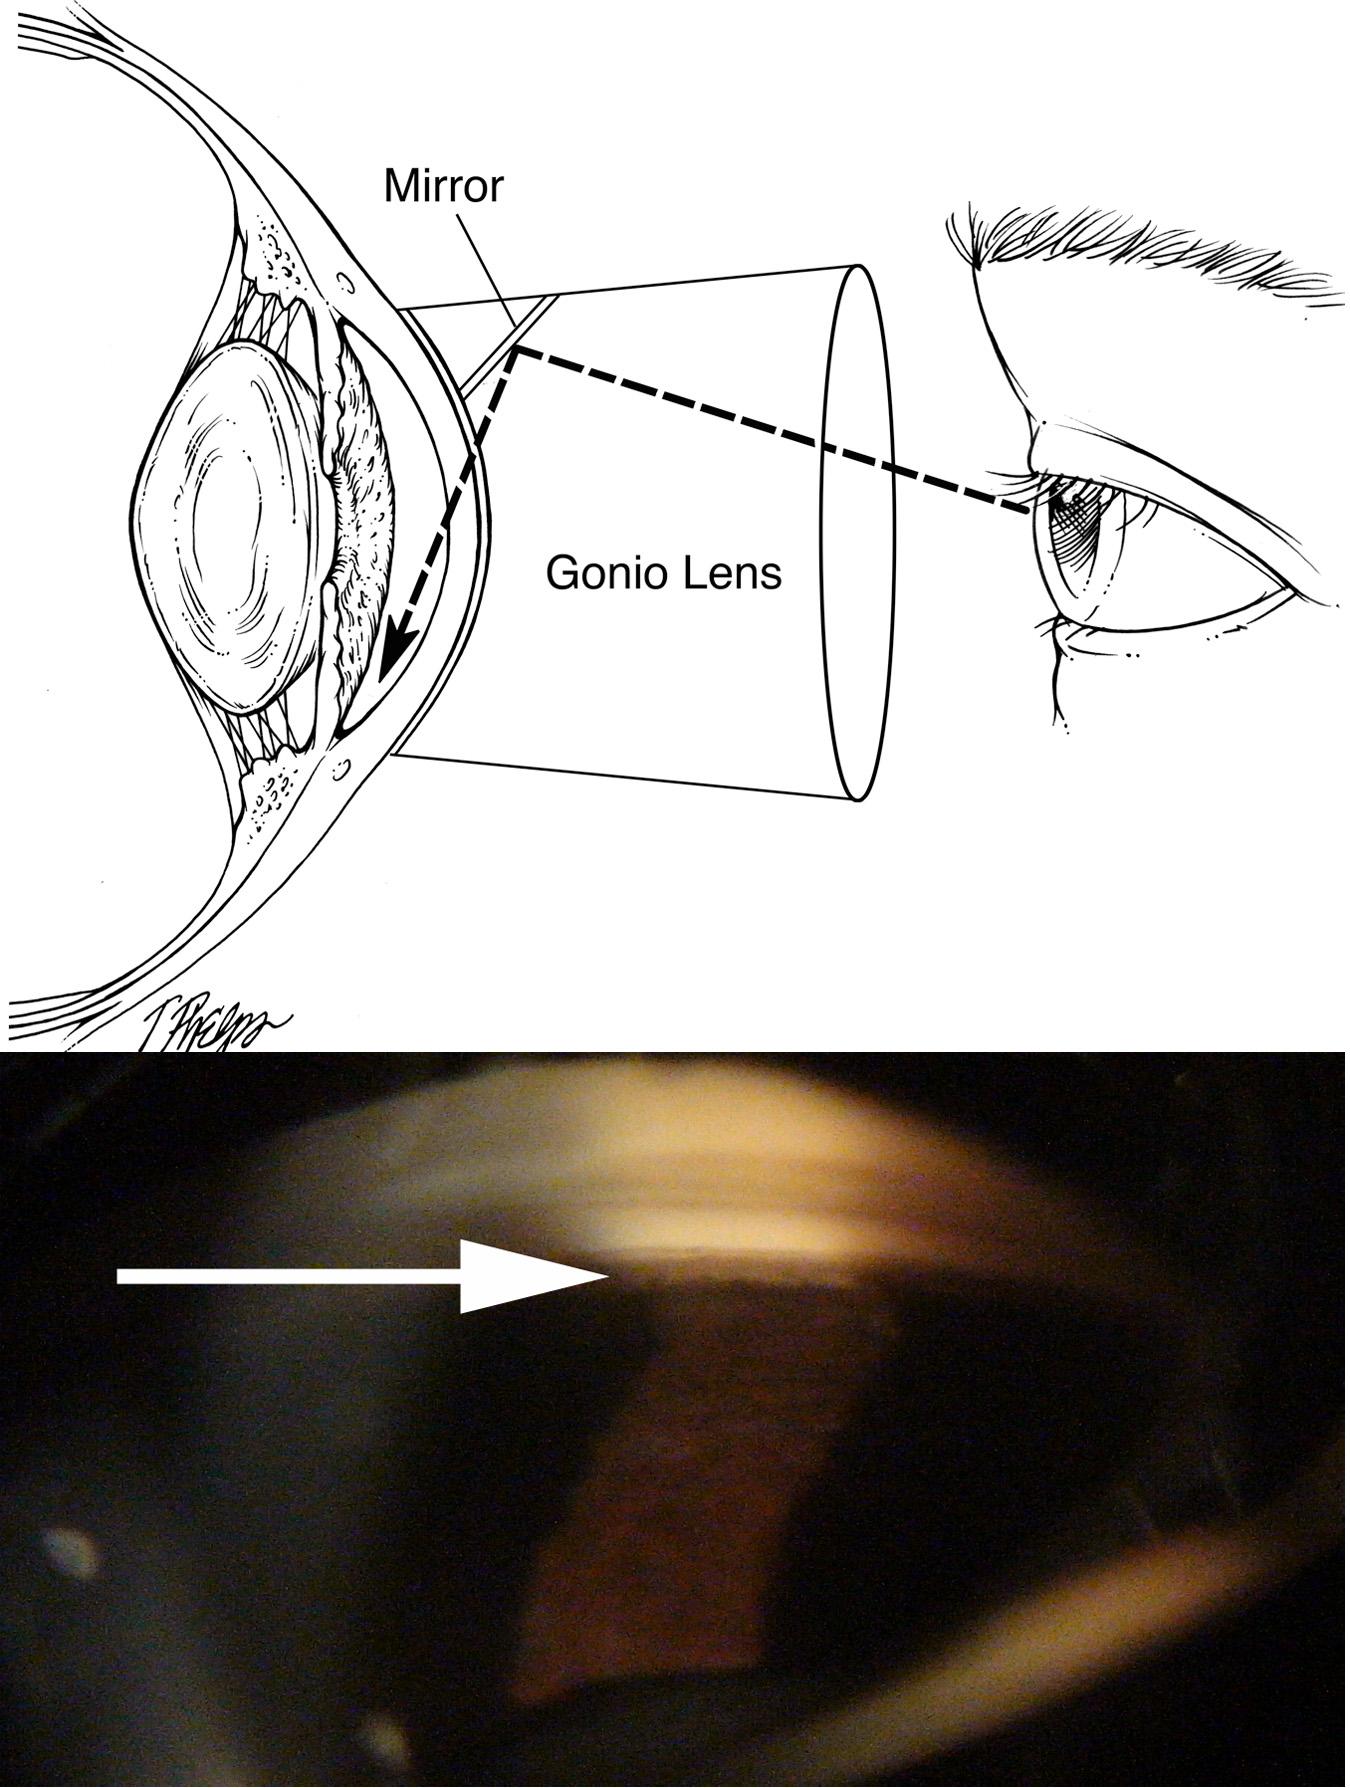 Angle Closure Glaucoma or Acute Glaucoma